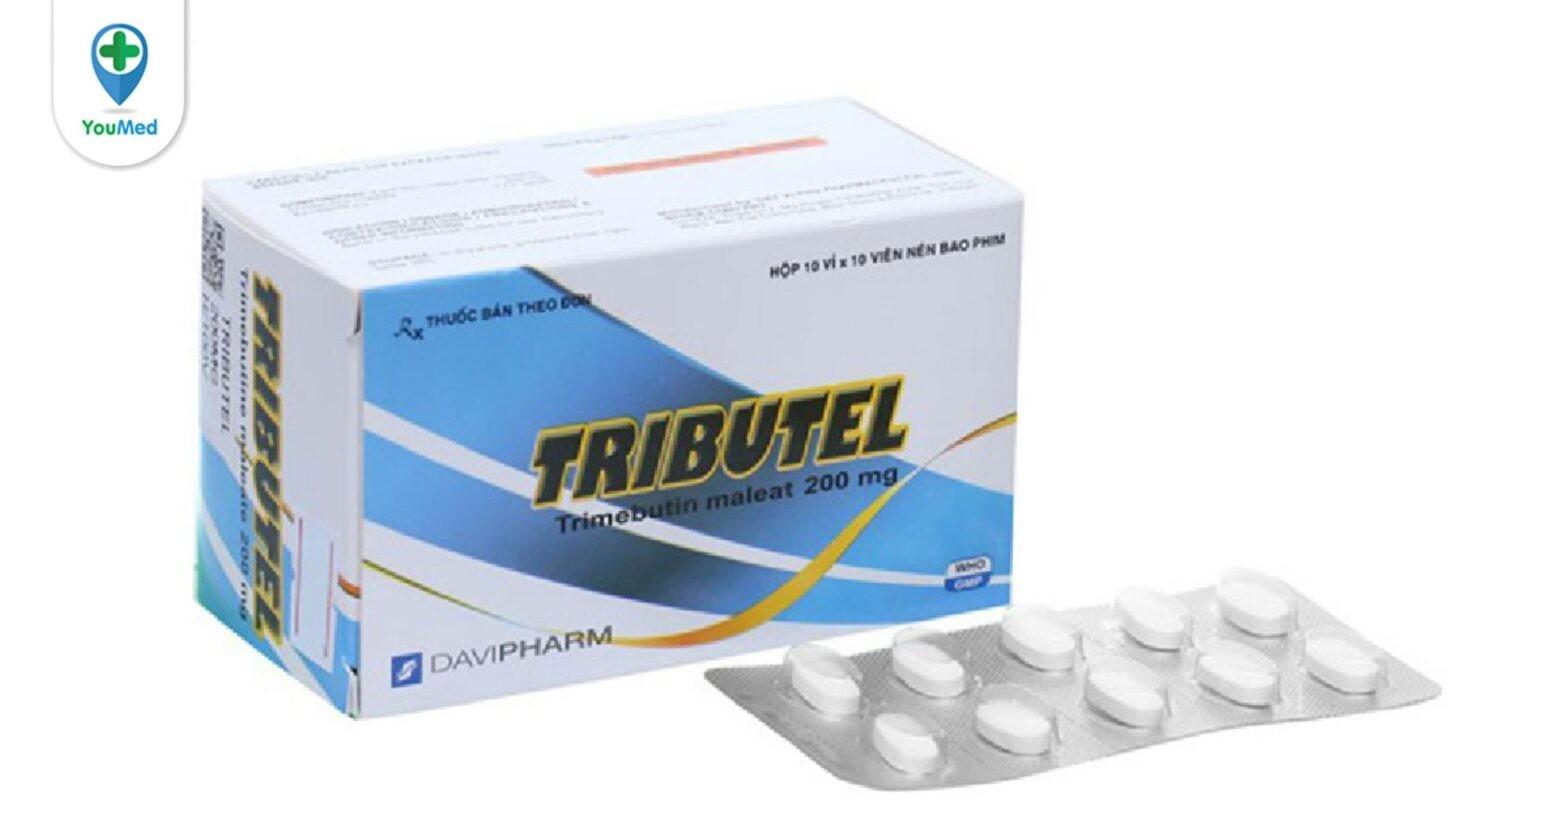 Thuốc Tributel là thuốc gì? giá, công dụng, cách dùng và những lưu ý